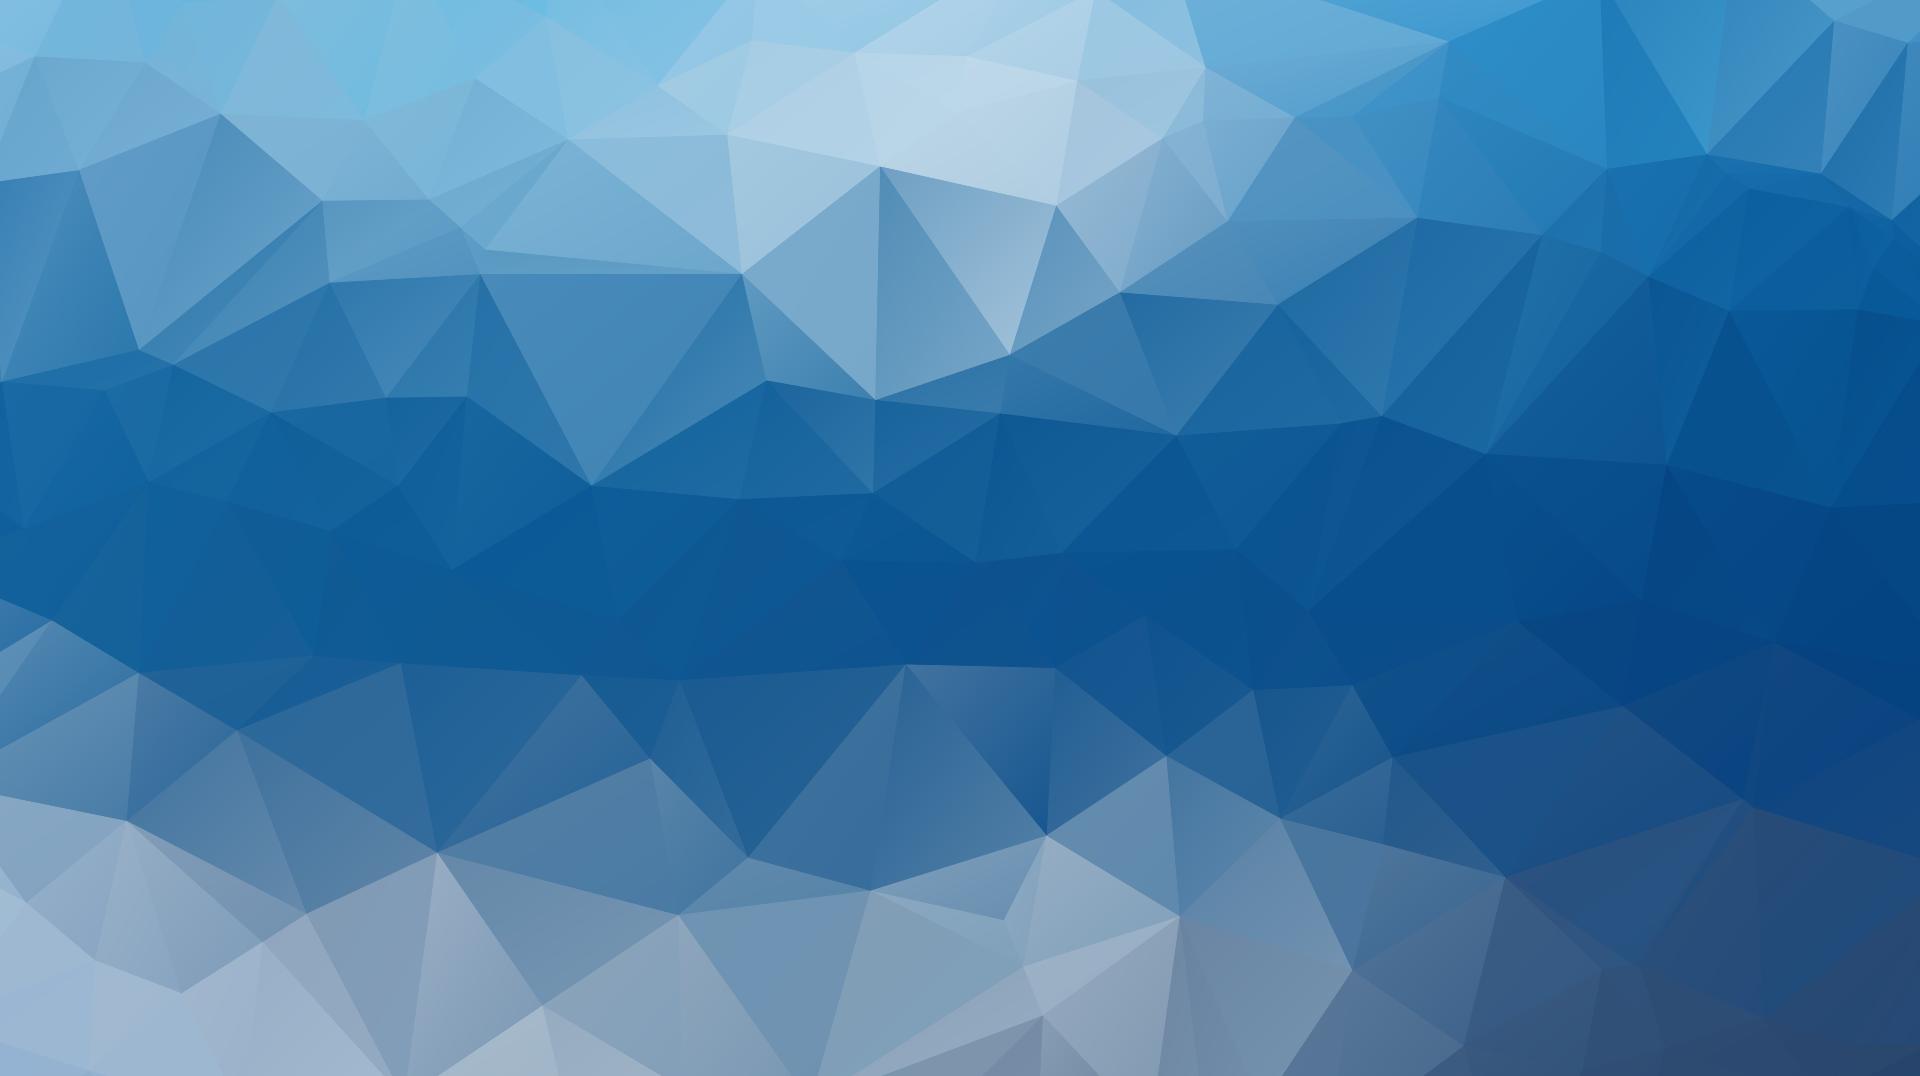 Сетка, треугольники, многоугольники, Синий, Селеста - Обои HD - Профессор falken.com